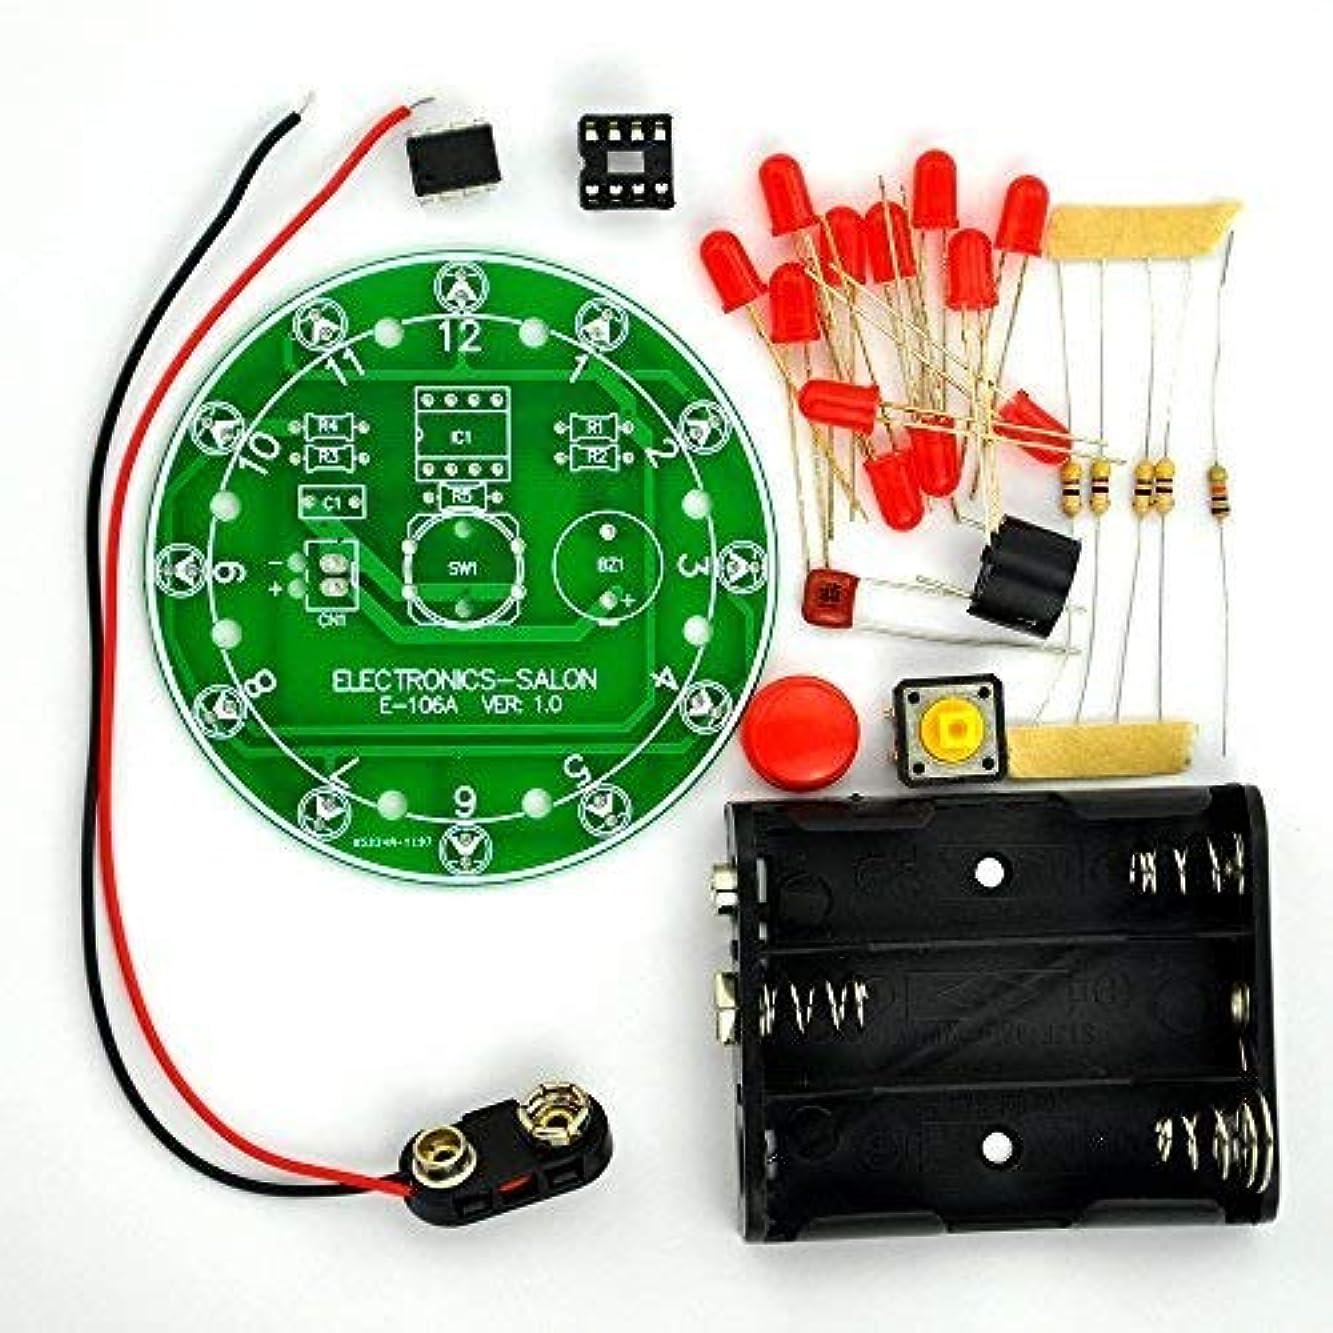 加害者特性グラフElectronics-Salon 12位置pic12f508 MCUに基づく電子ラッキー回転ボードキット導い